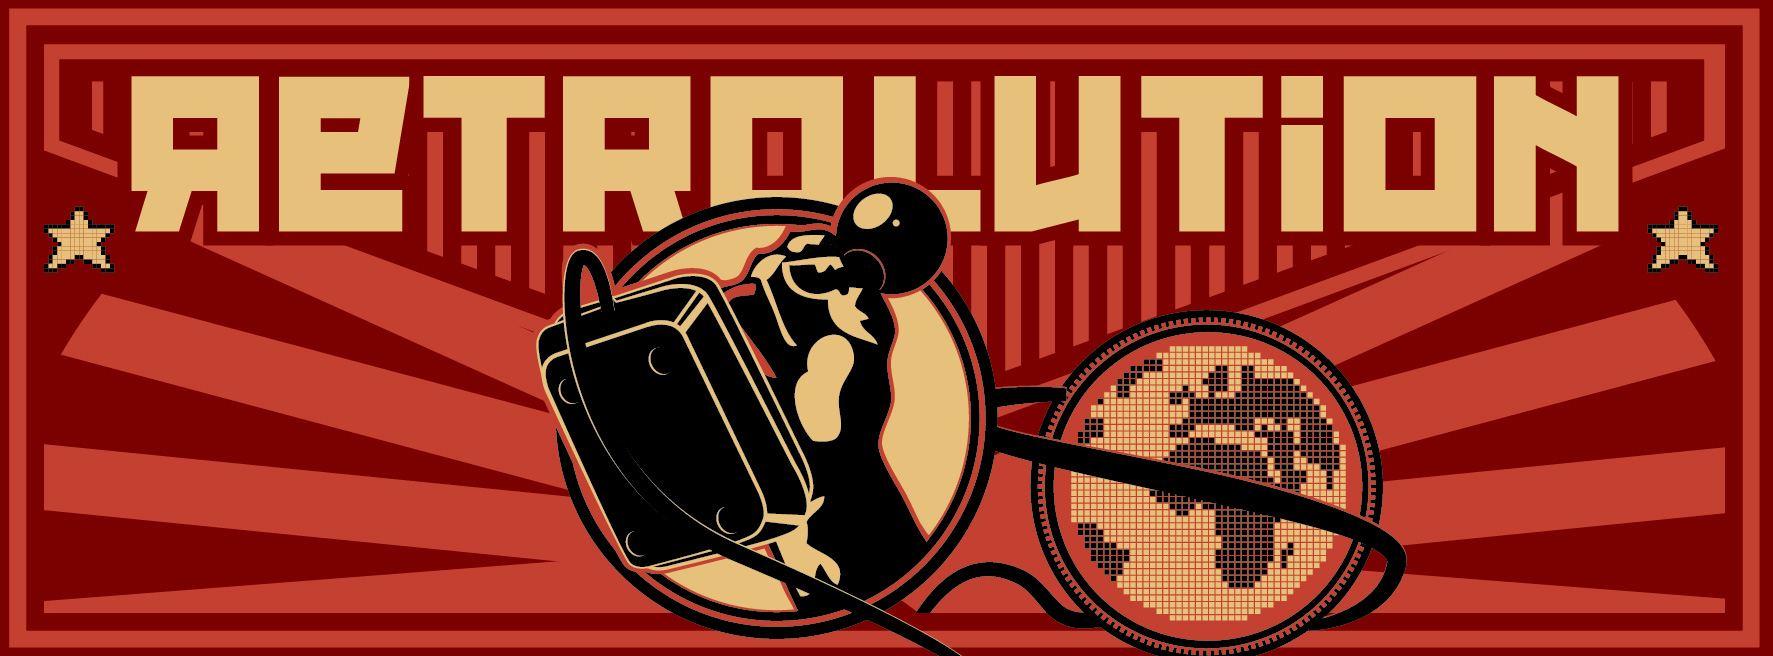 RETROLUTION!2016 Einladungsvideo